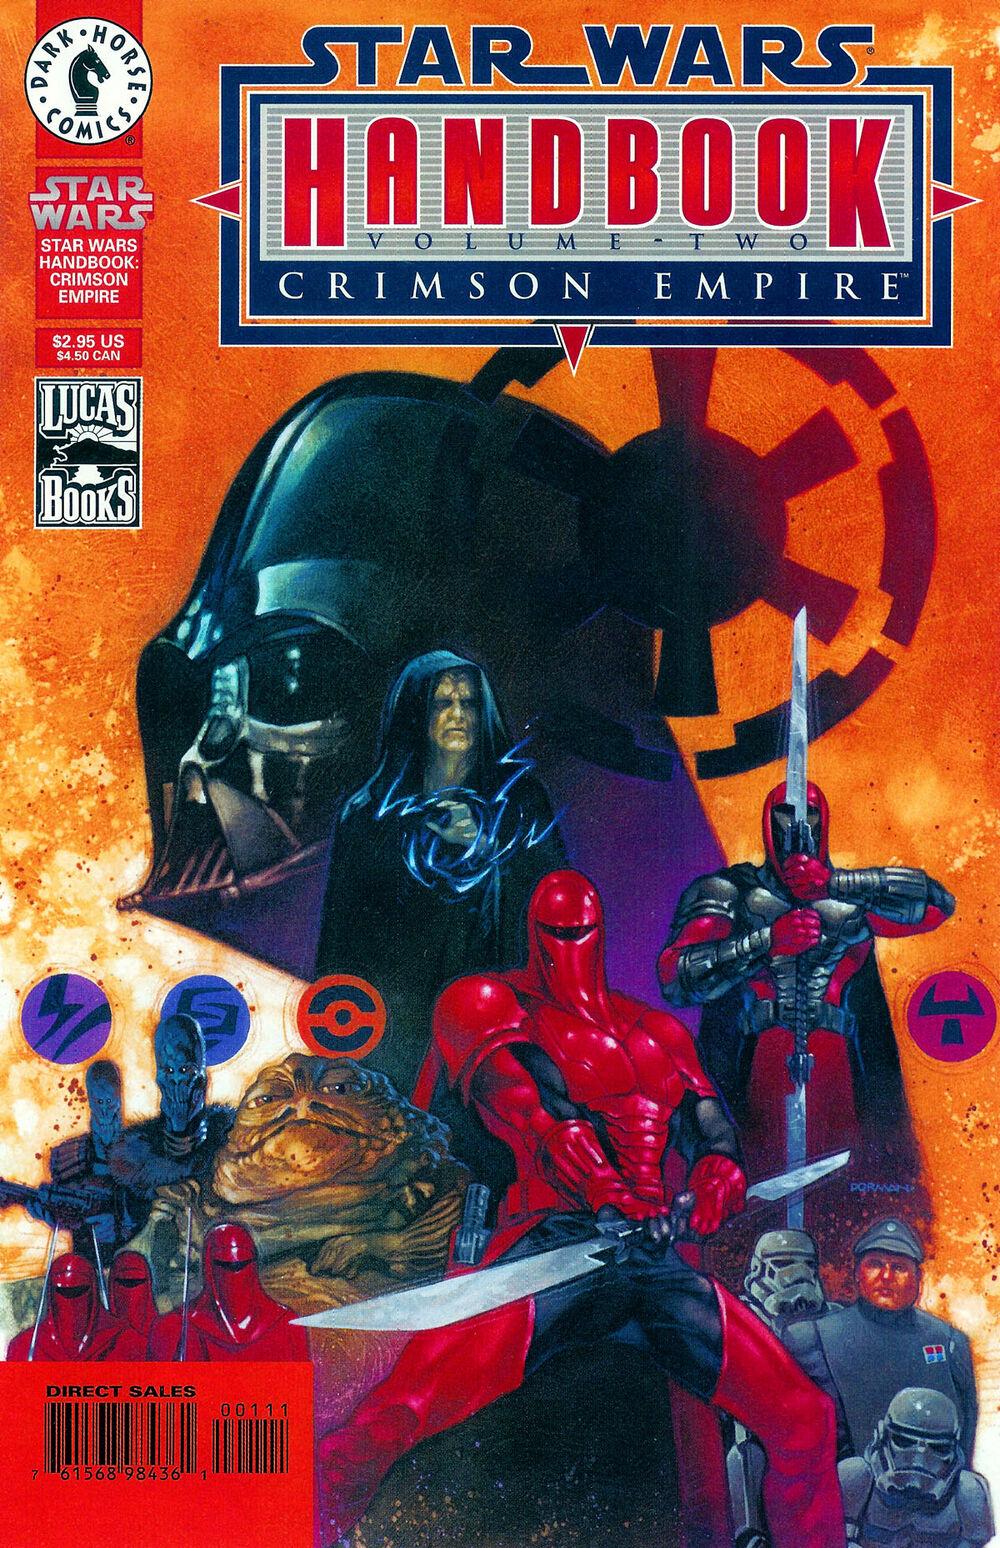 Star Wars Handbook Volume II: Crimson Empire